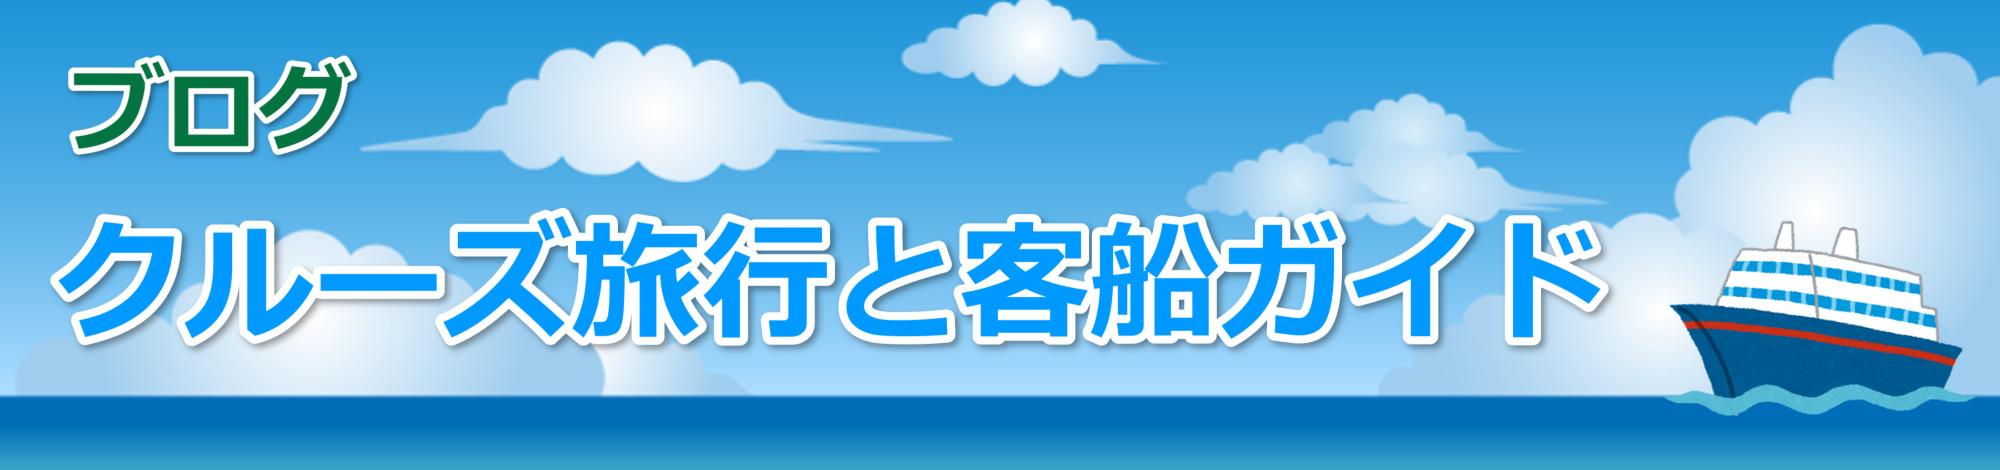 ブログ クルーズ旅行と客船ガイド